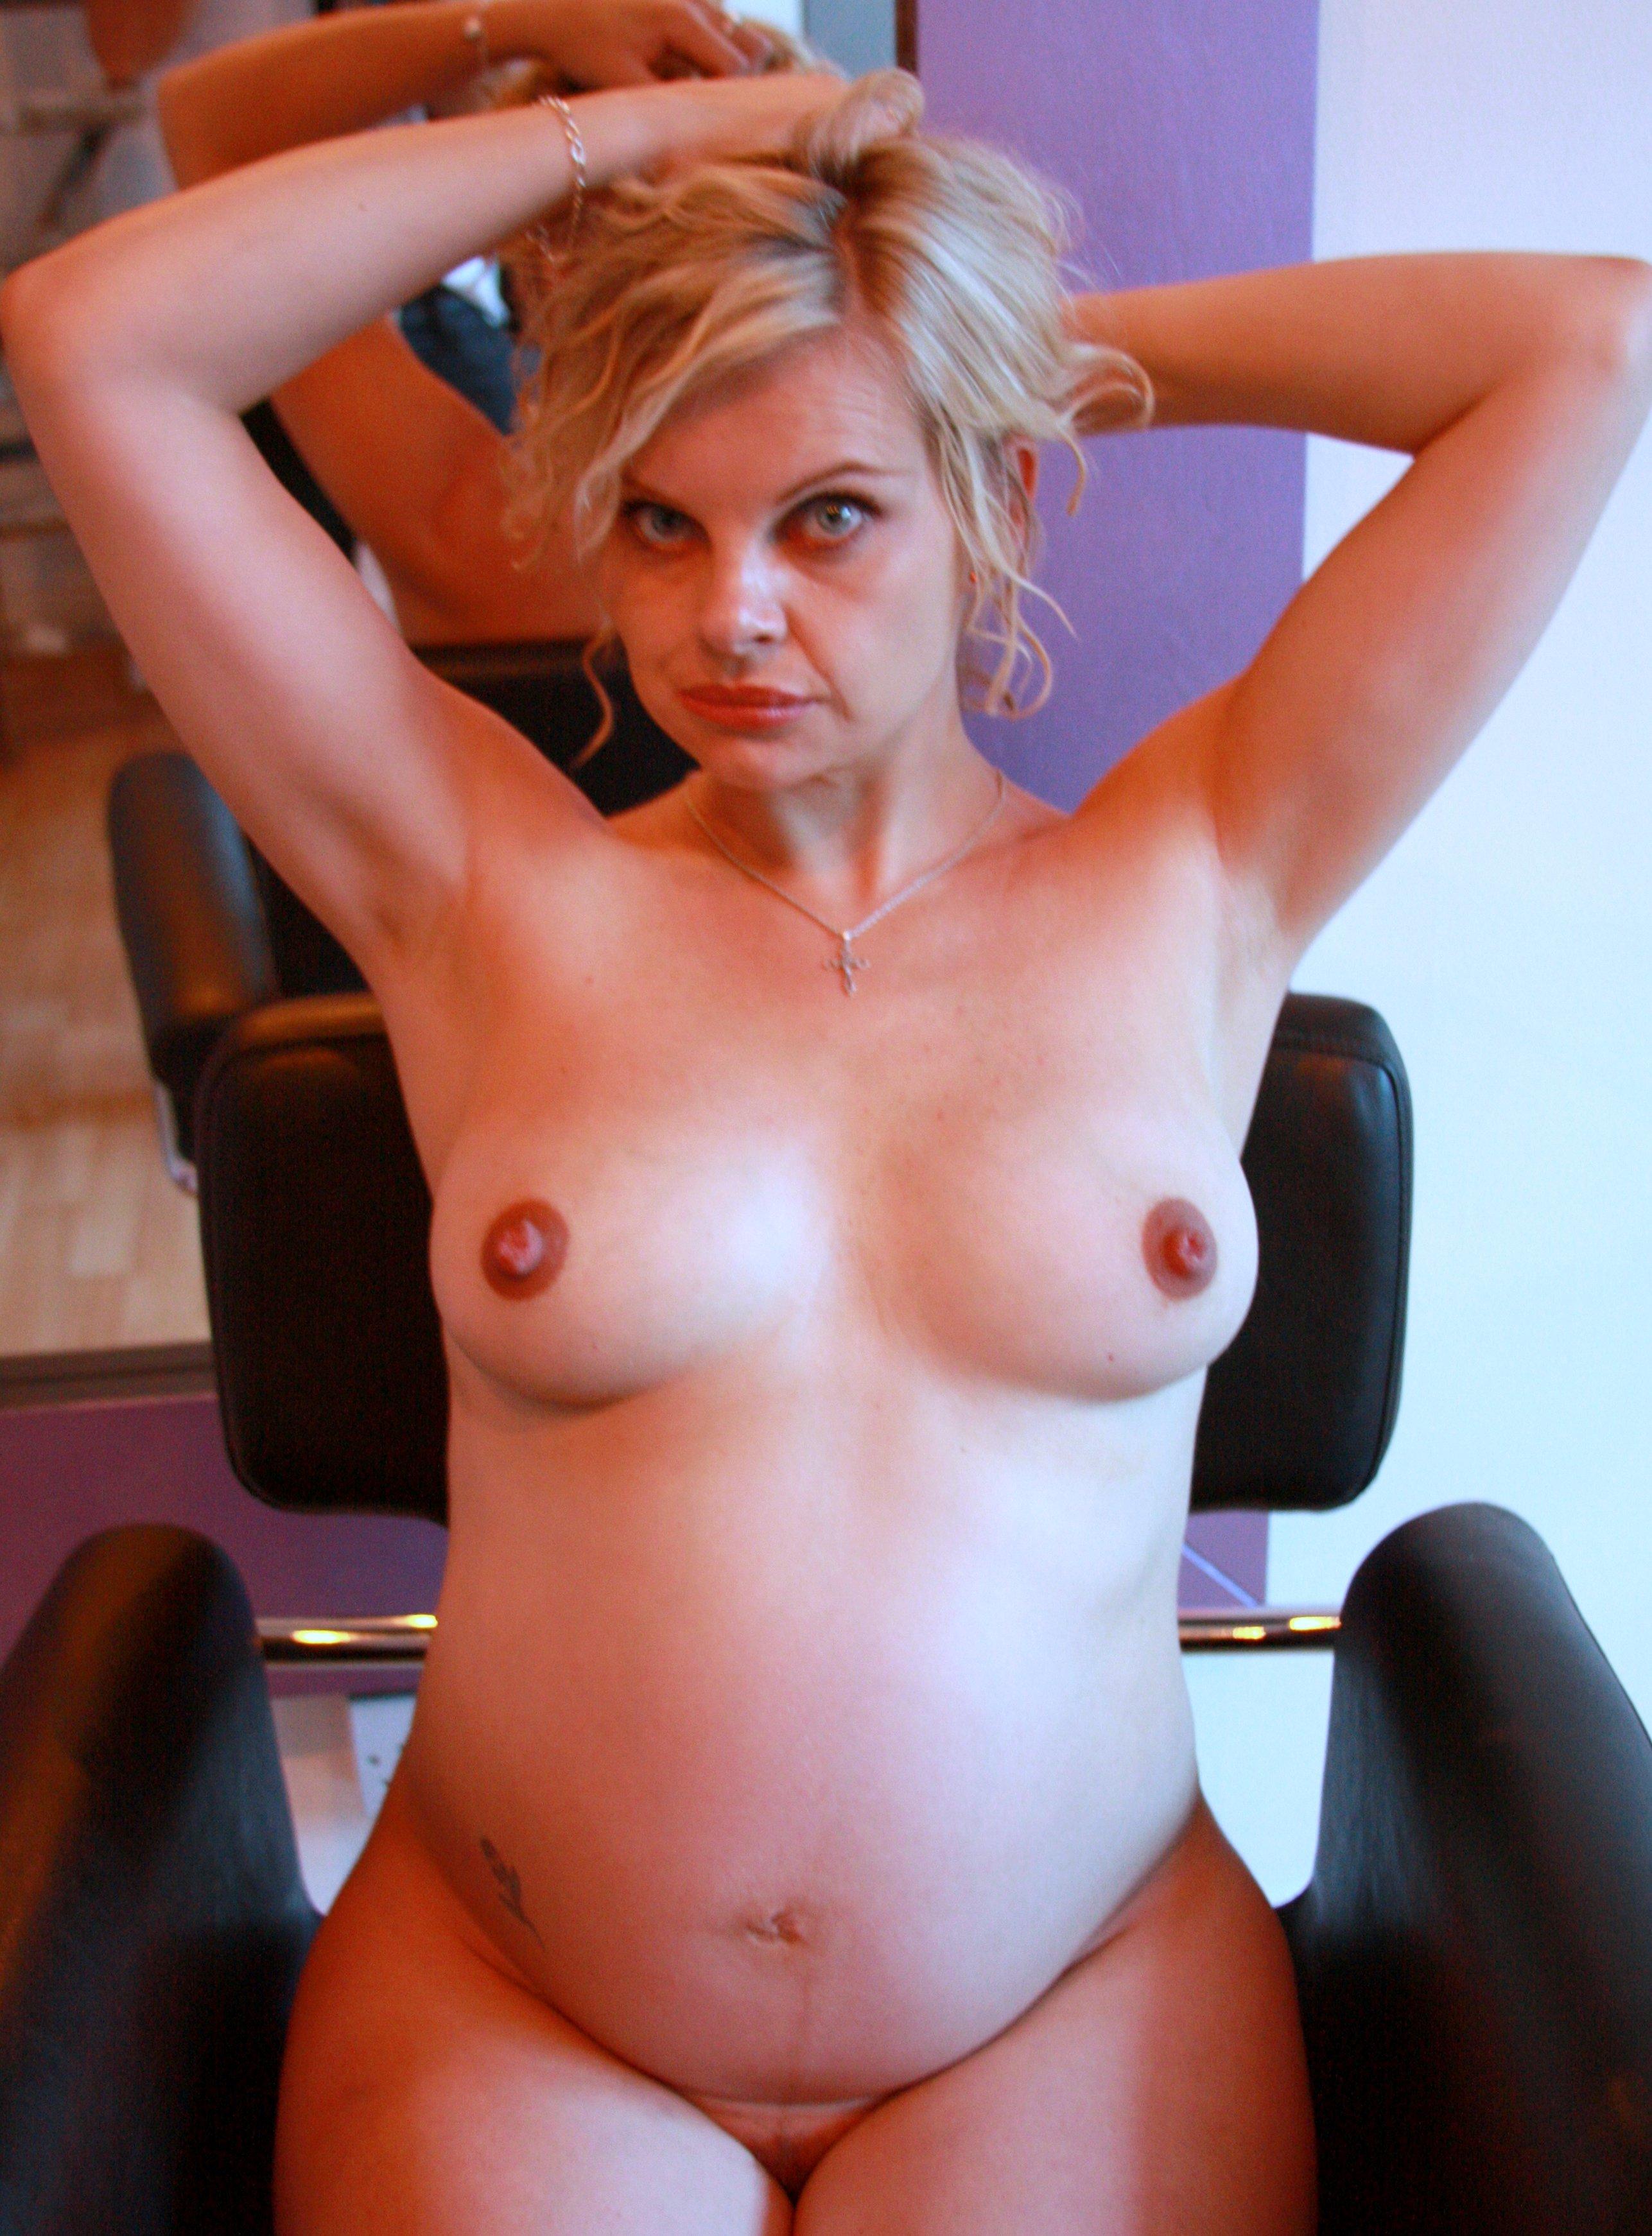 Nude girl victim of ritual murder